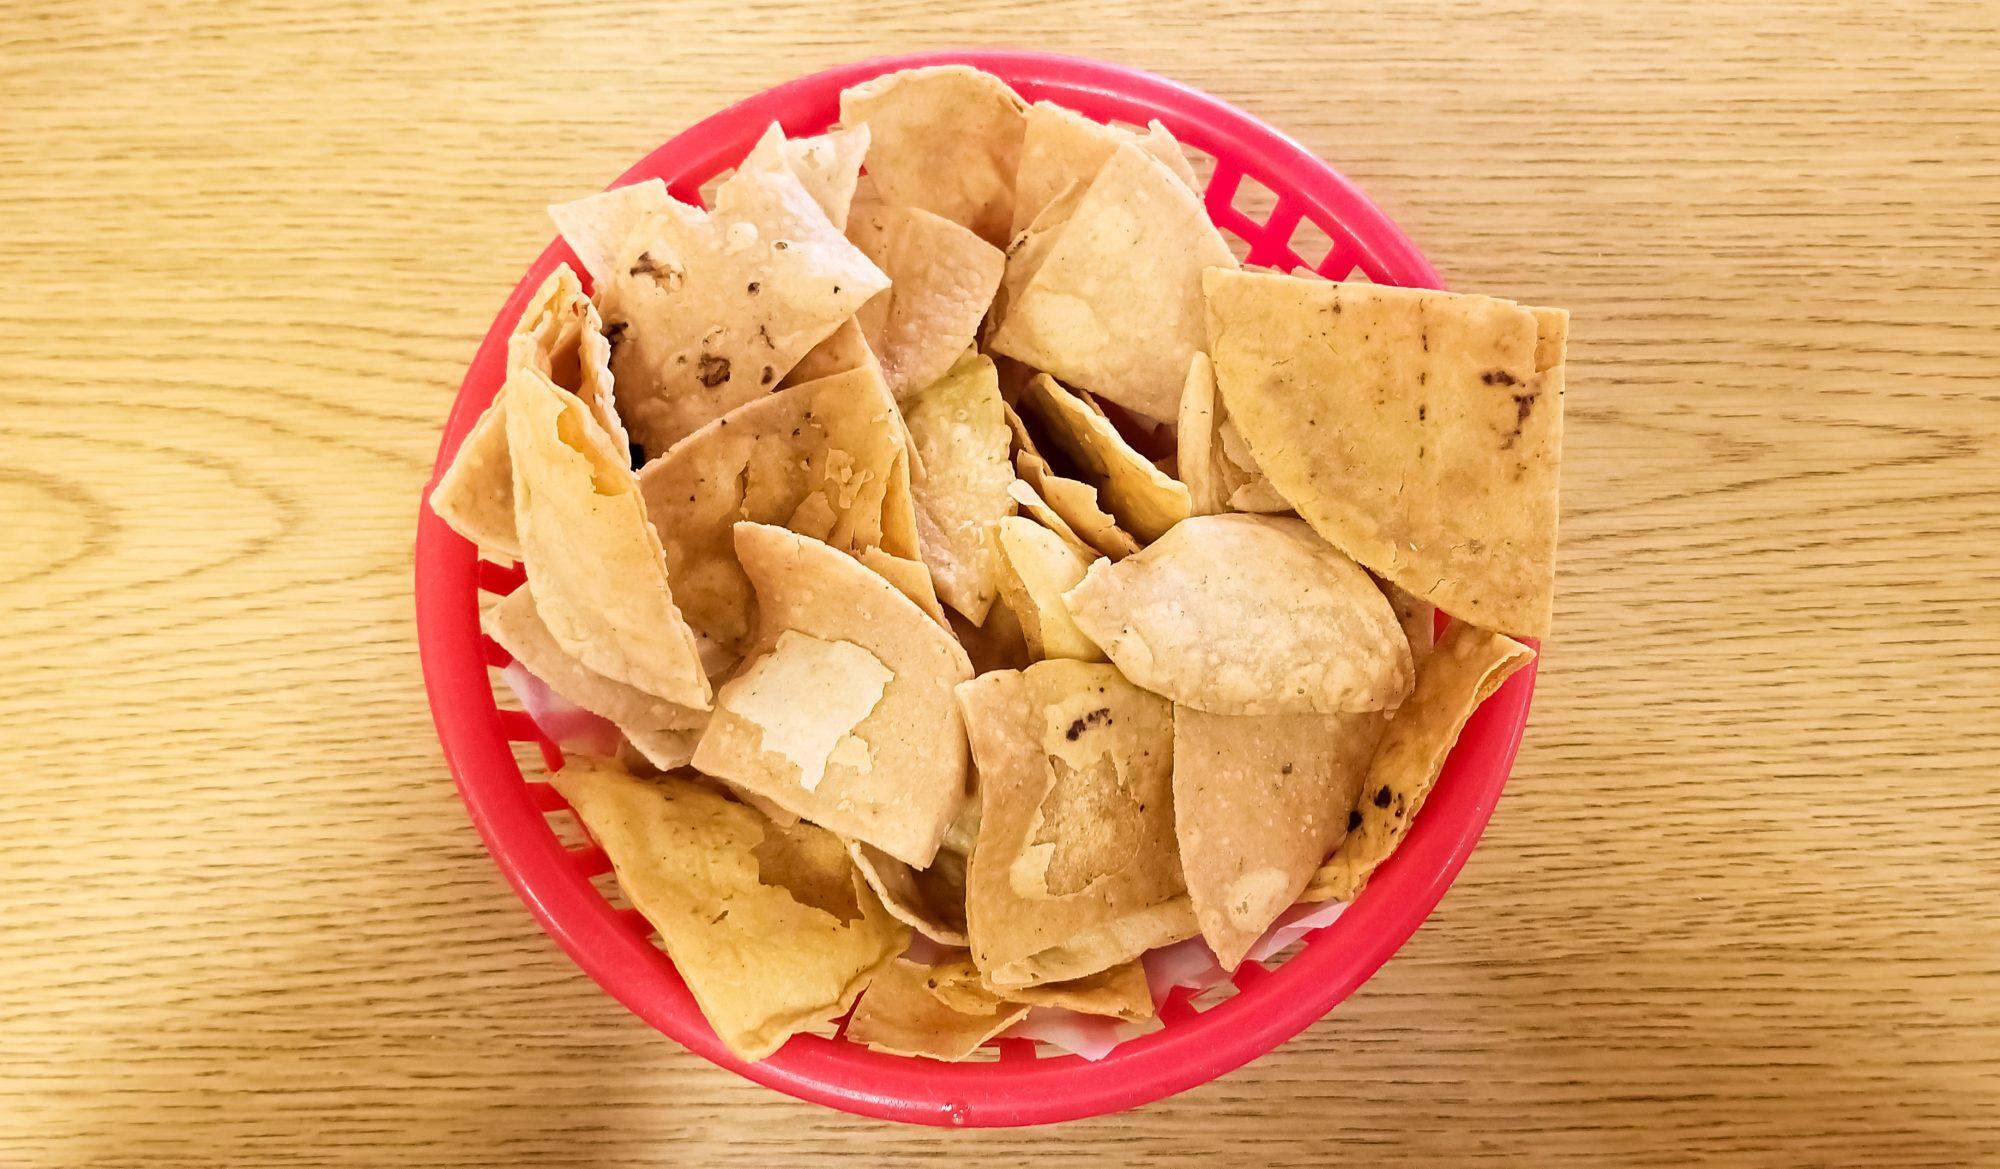 Totopos o chips horneados